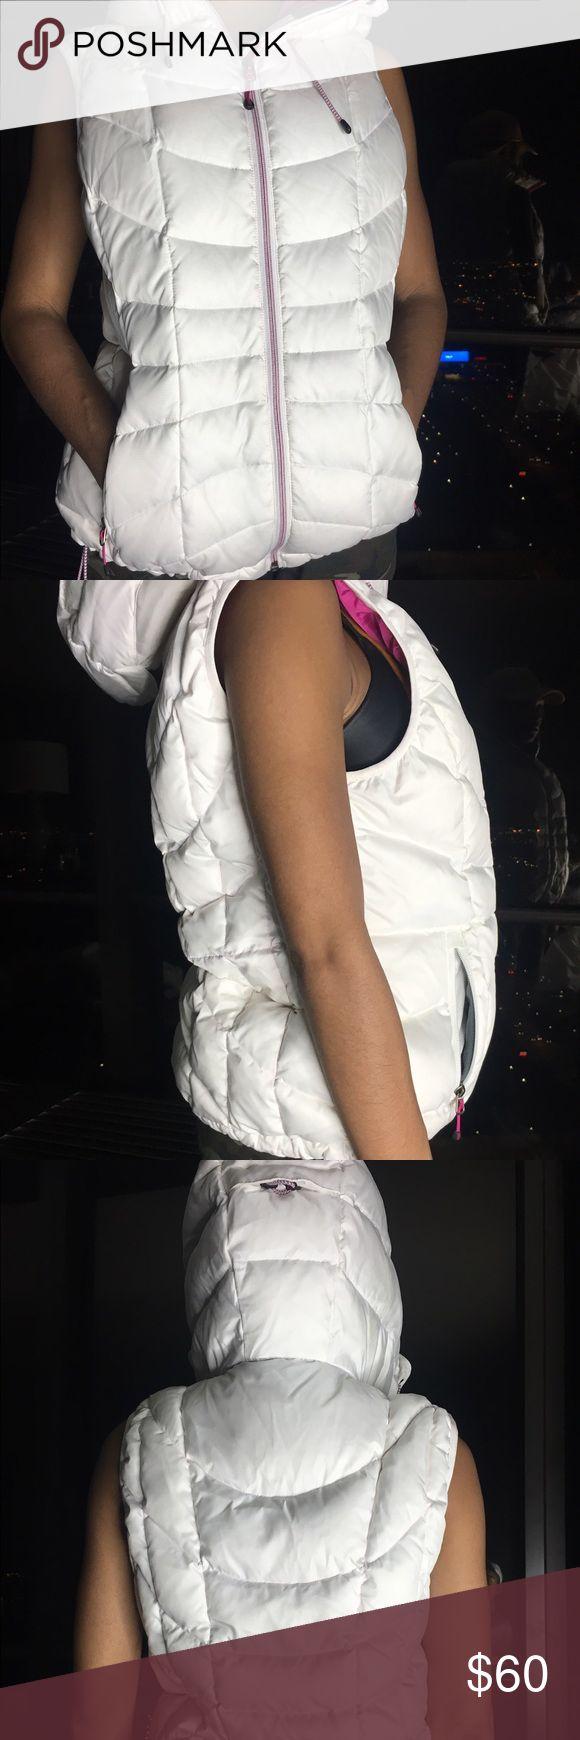 Lands end White Puffer Vest/Coat Lands End Puffer Vest Coat With Pink Inside, MINT condition Lands' End Jackets & Coats Vests